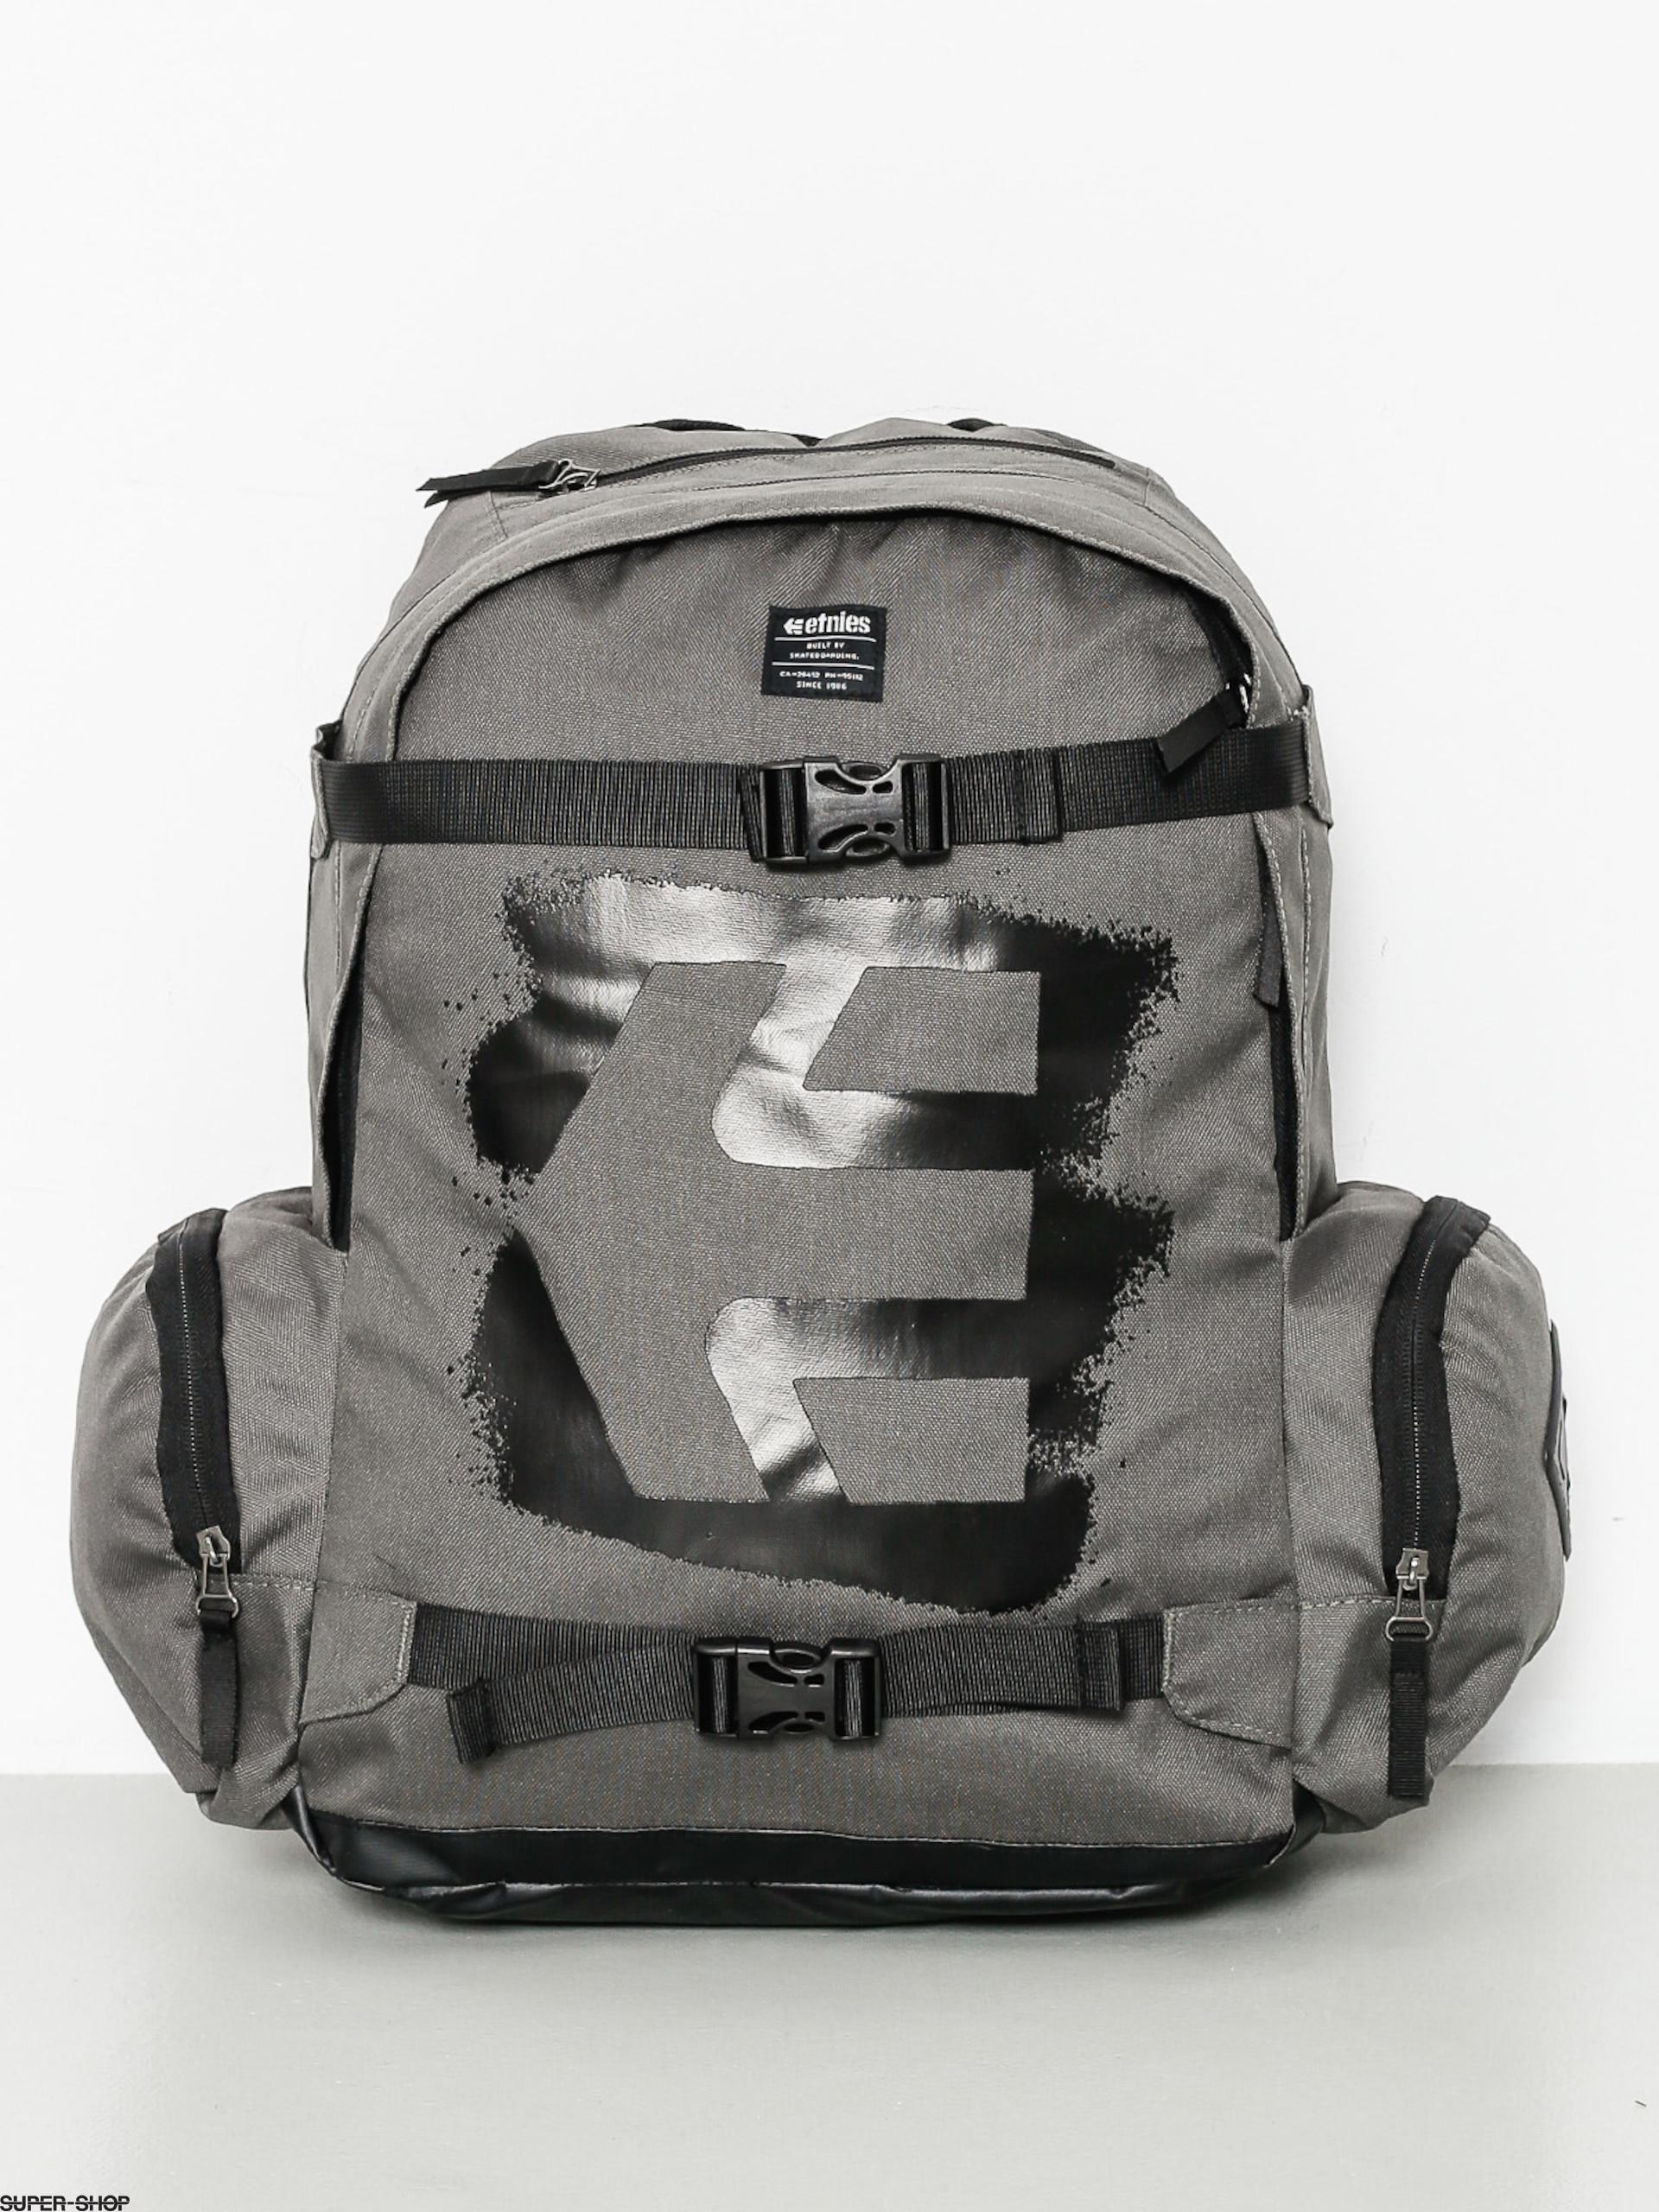 b3e9cc163f975 940934-w1920-etnies-backpack-essential-skate-charcoal.jpg